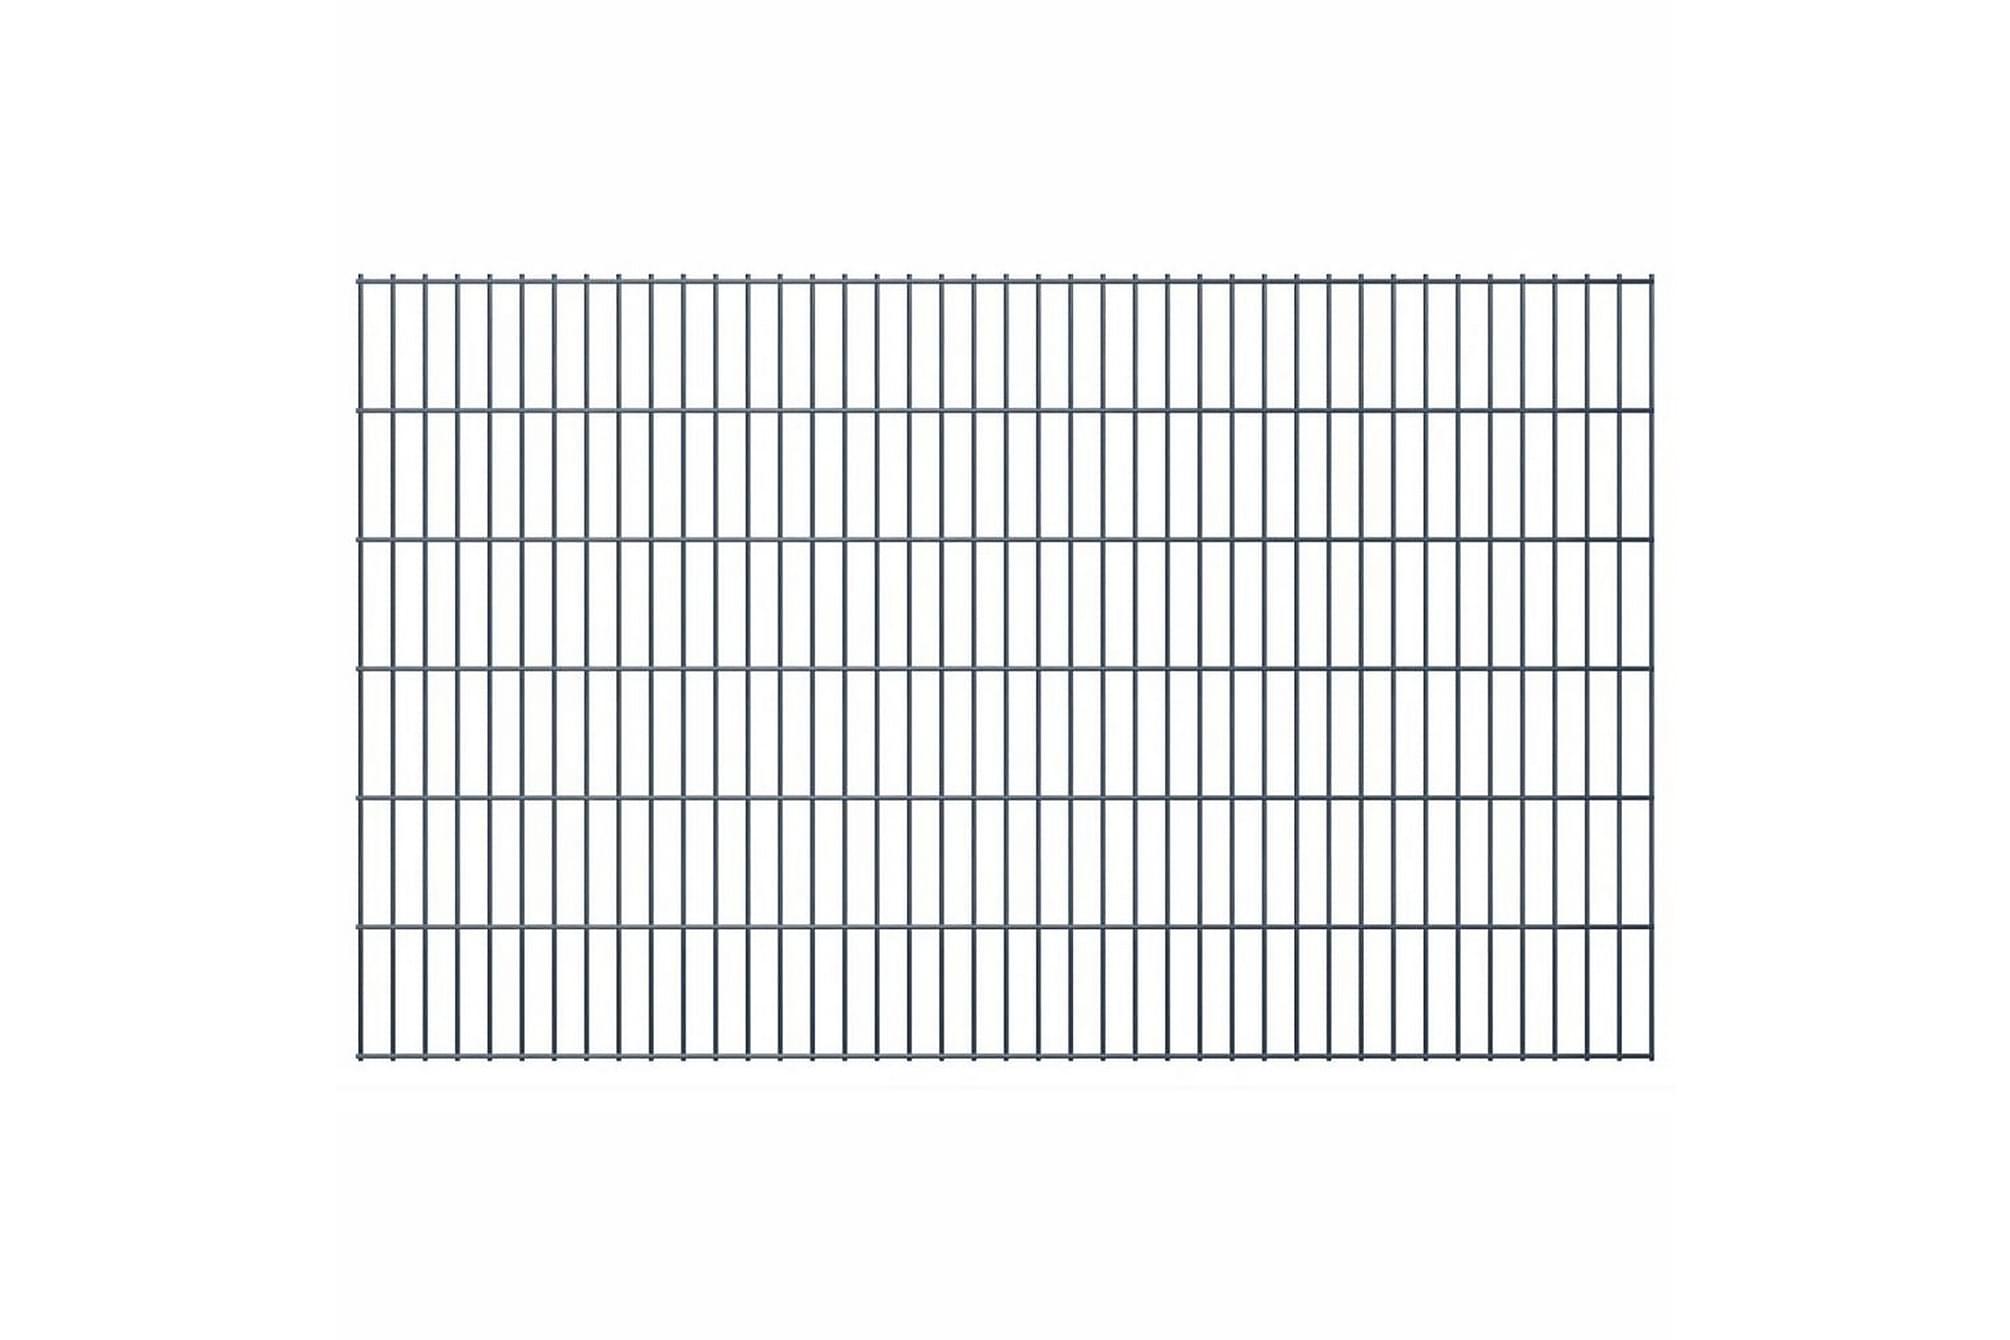 2D Stängselpaneler 2,008x1,23 m grå, Staket & grindar